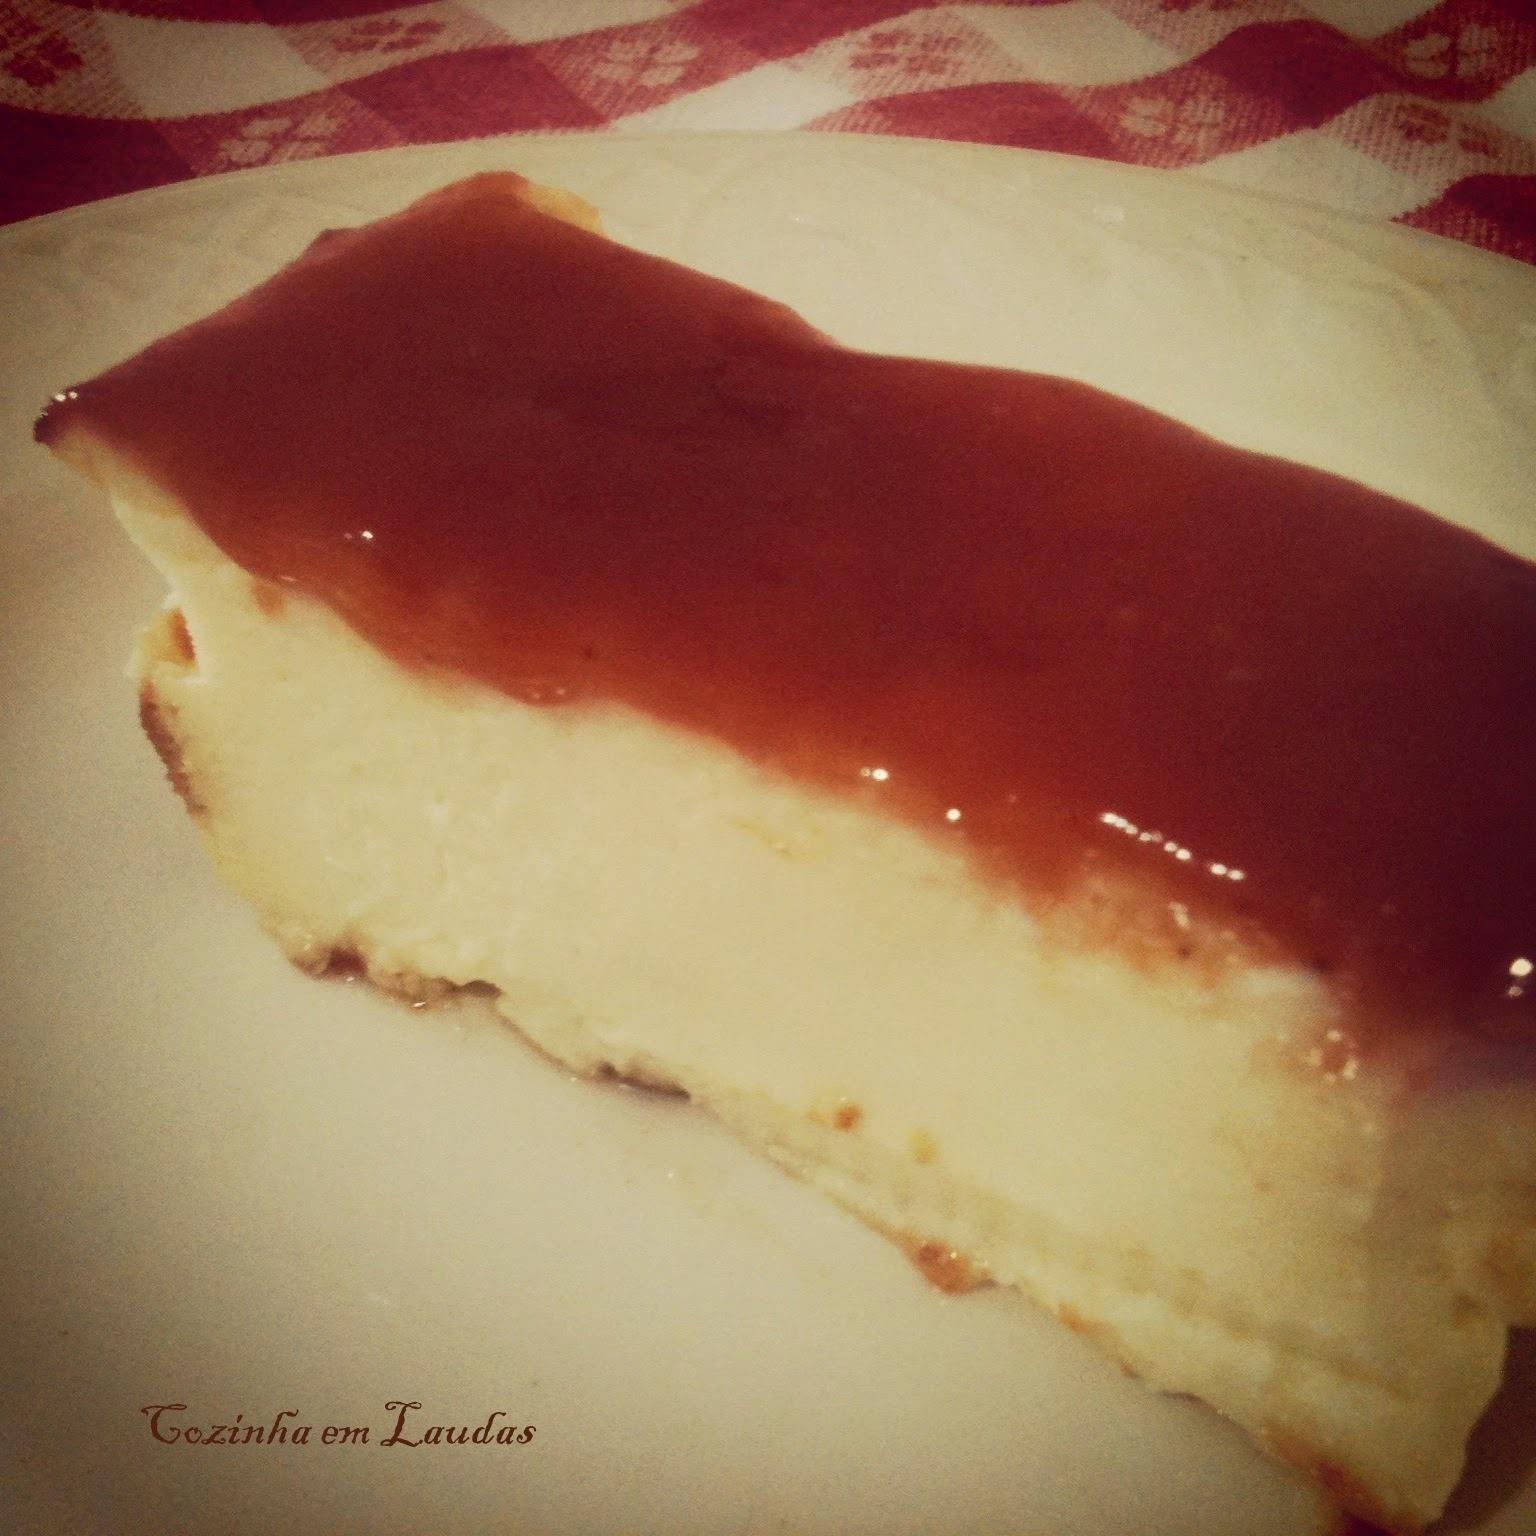 Bolo de ricota com goiabada [Ricotta cake with guava]